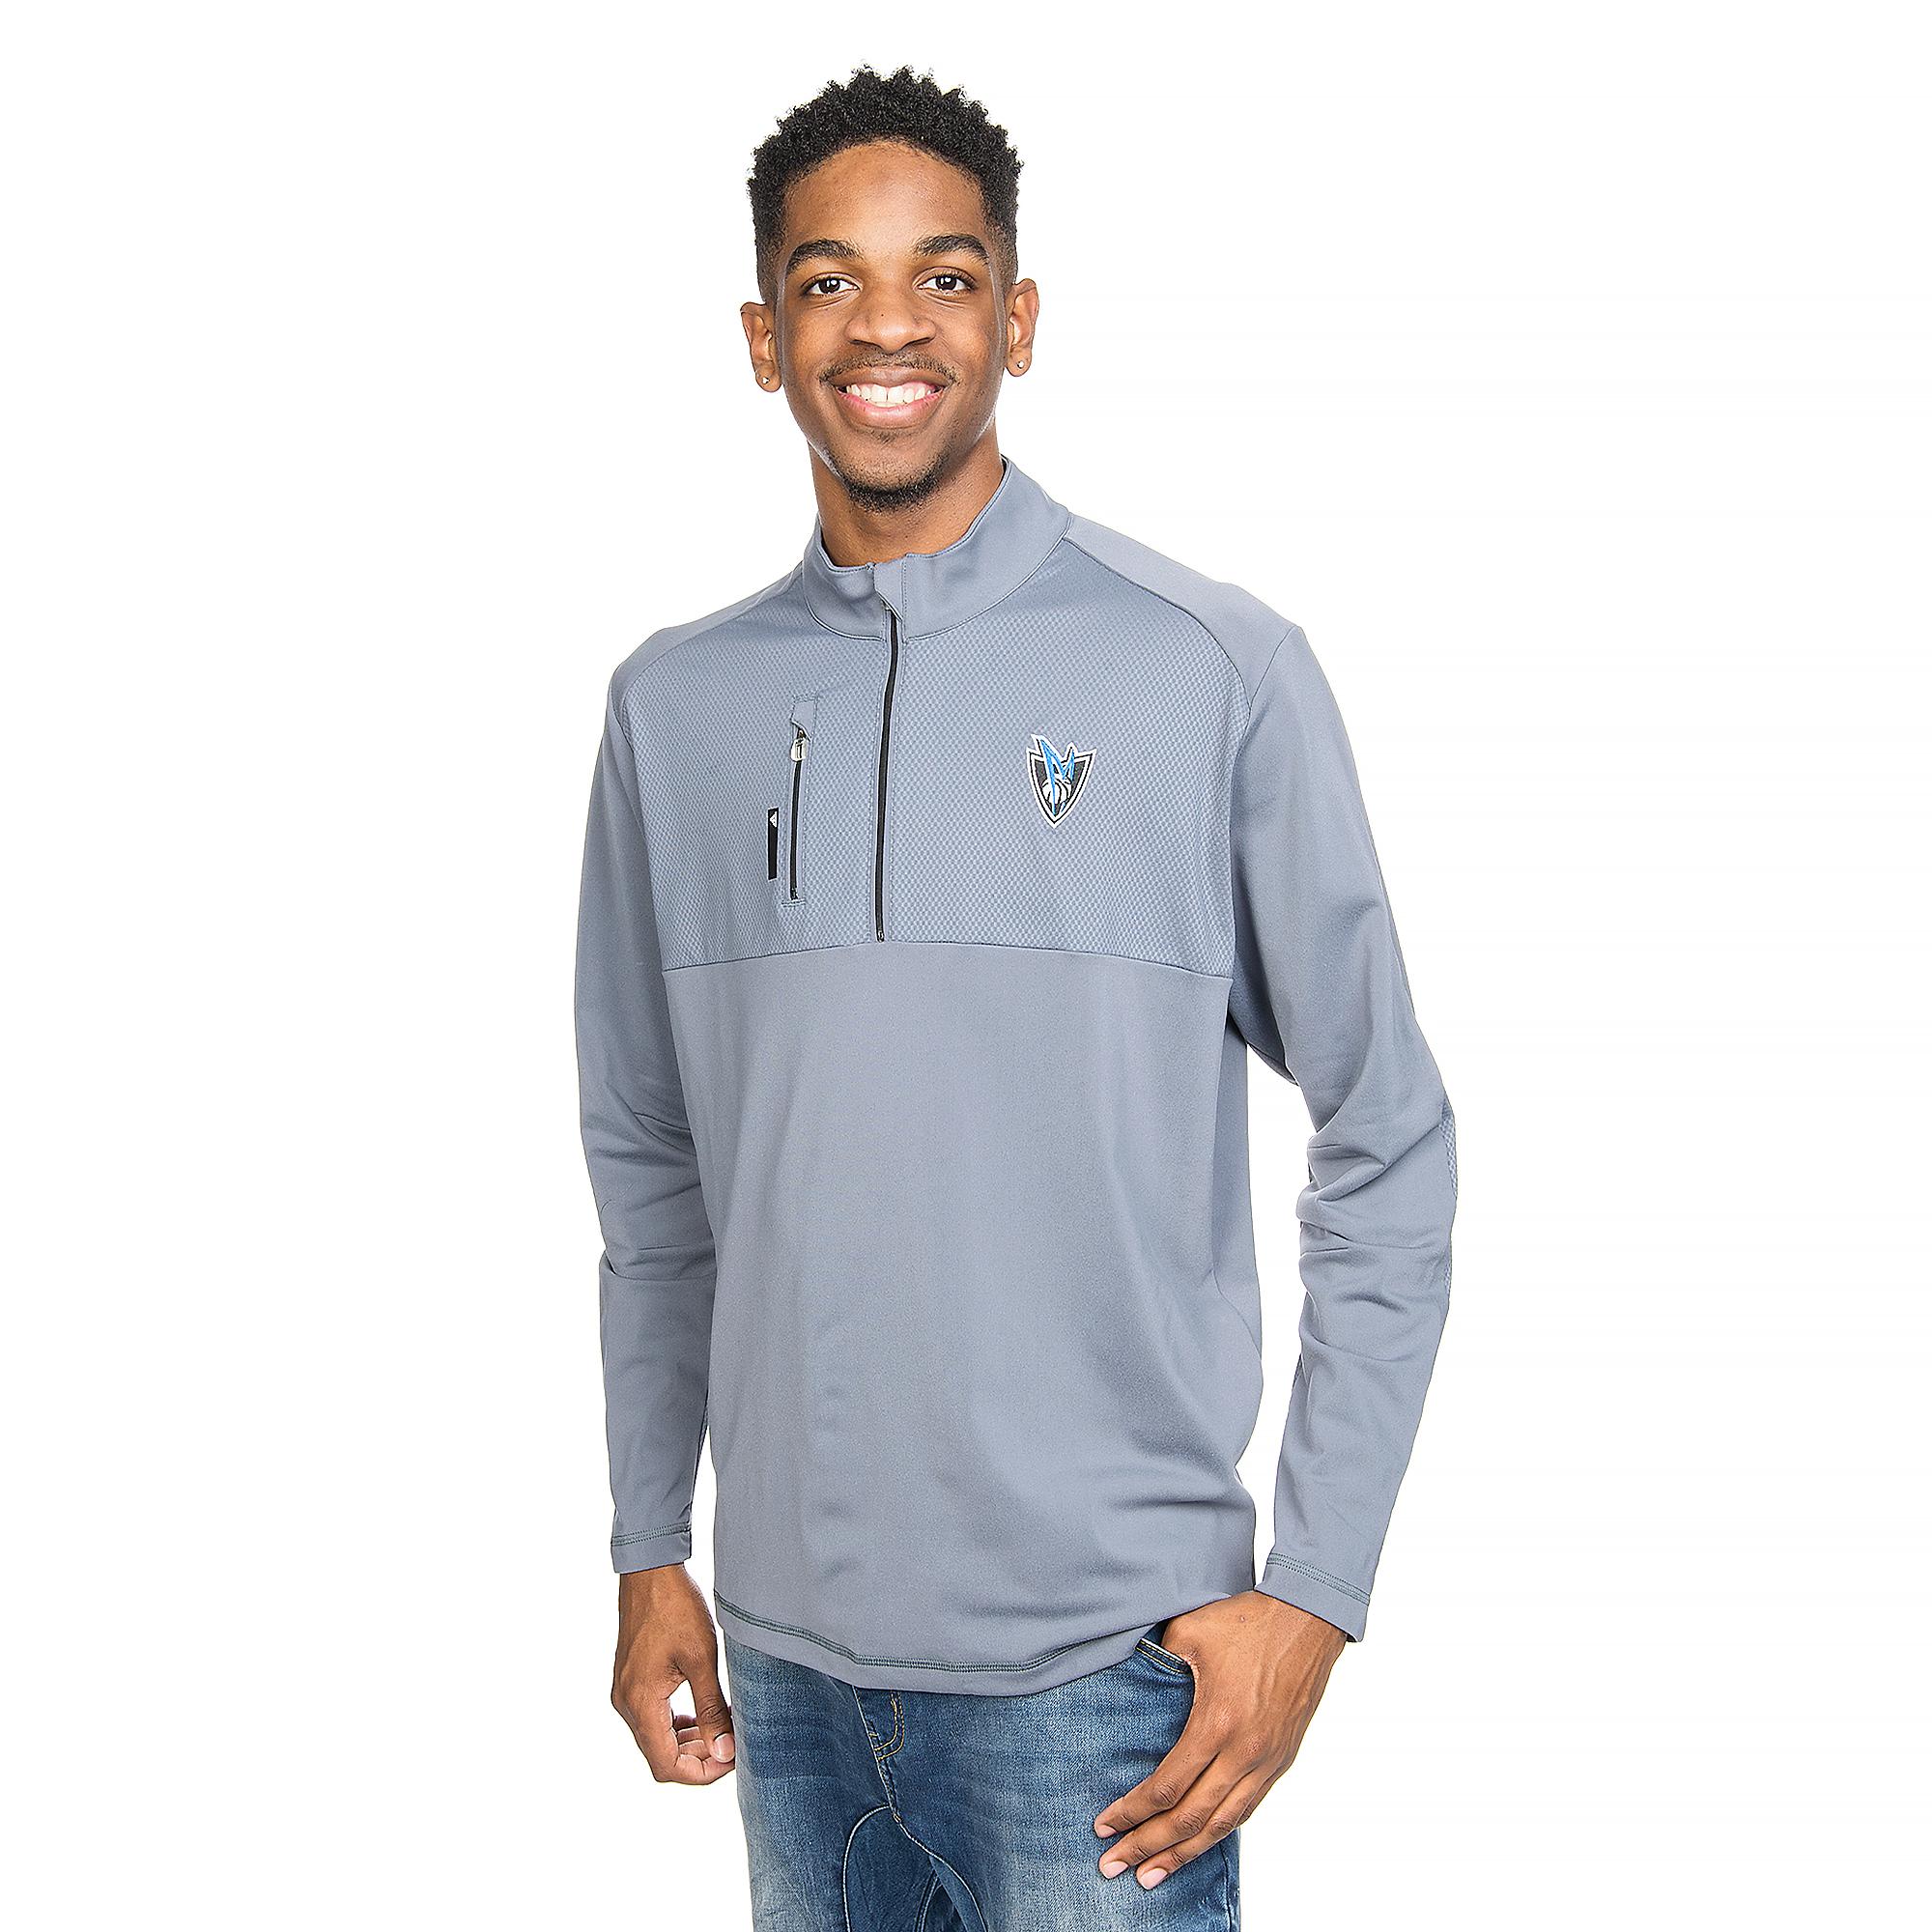 Dallas Mavericks Adidas Mixed Media 1/4 Zip Pullover